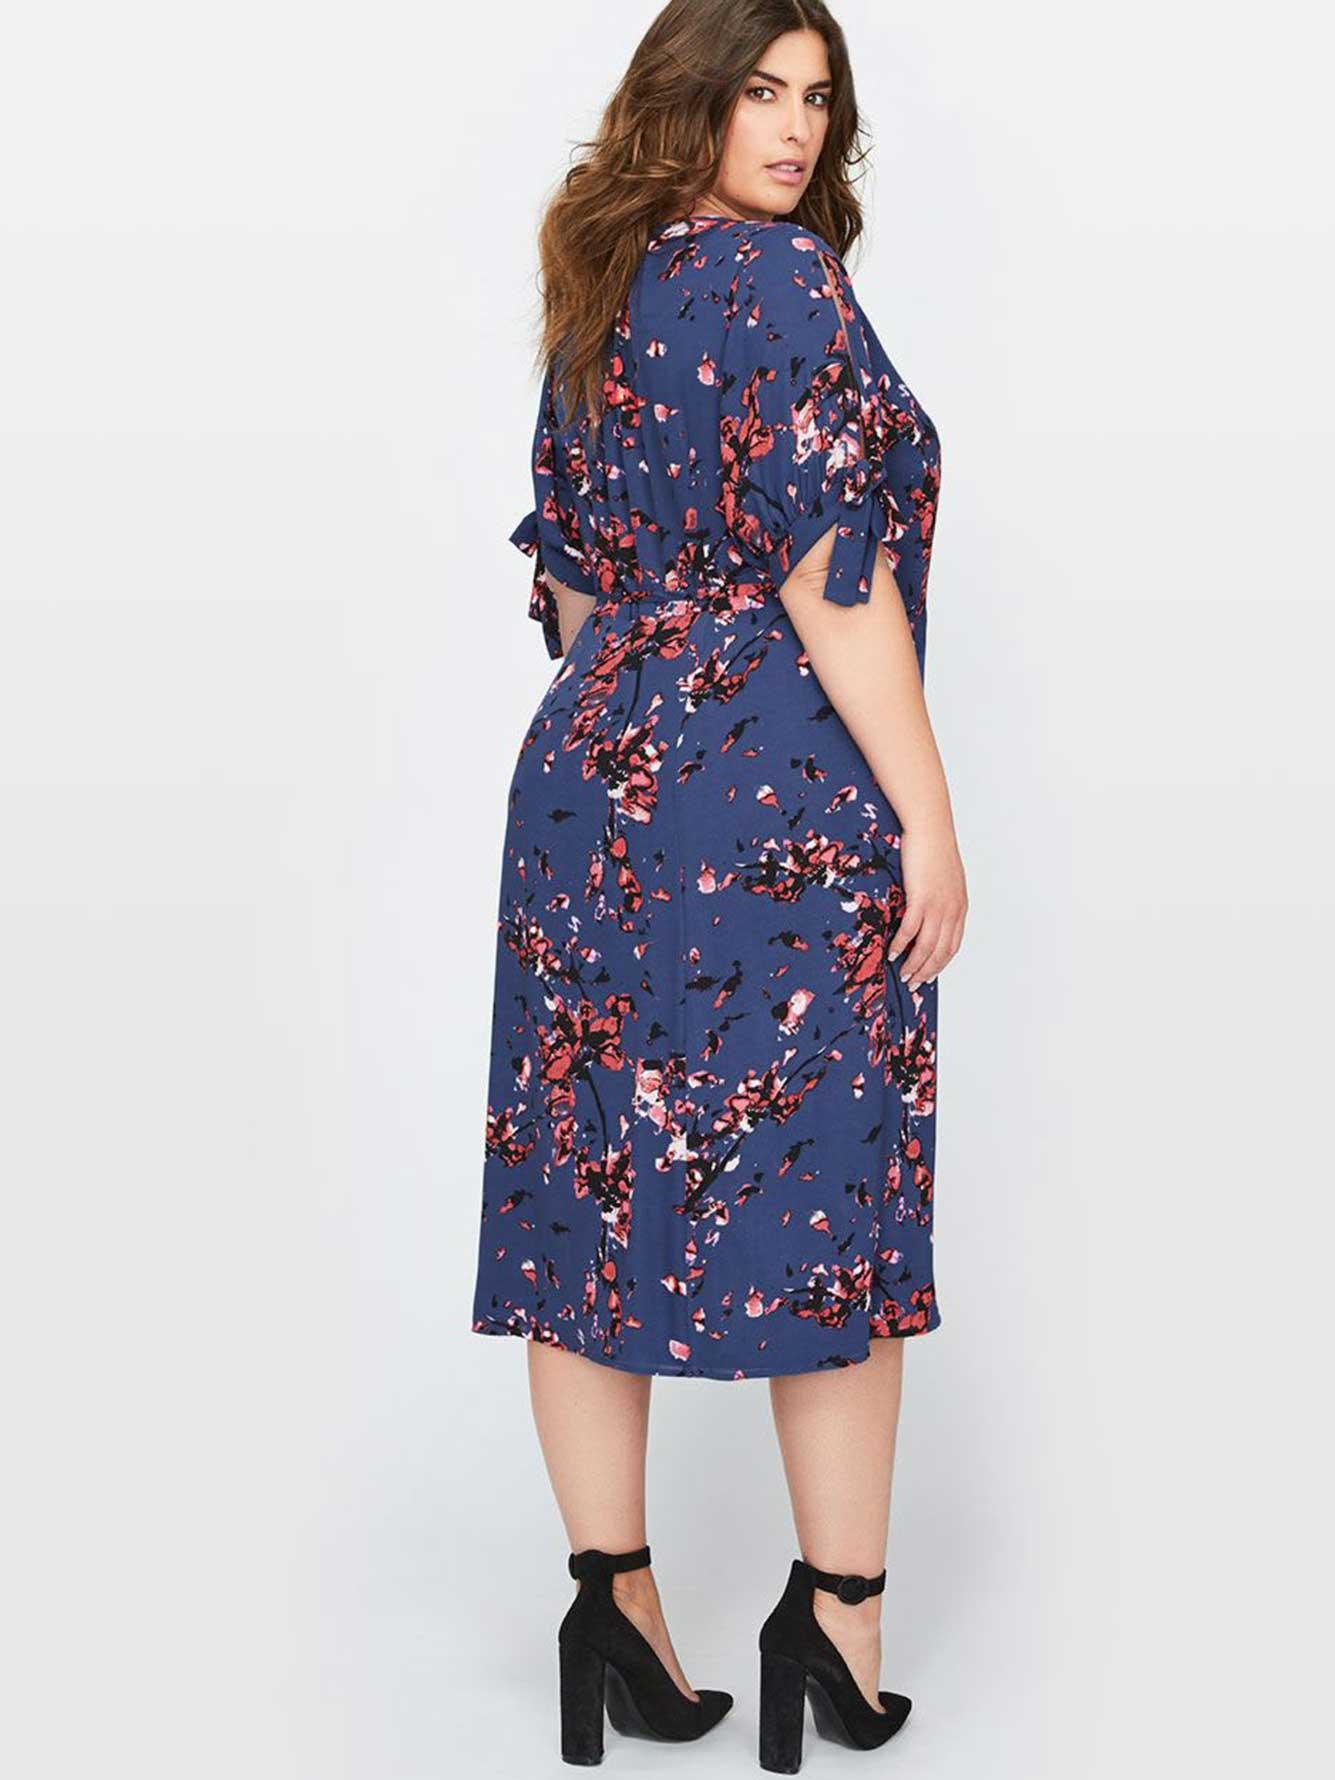 robe portefeuille imprim floral rachel roy addition elle. Black Bedroom Furniture Sets. Home Design Ideas